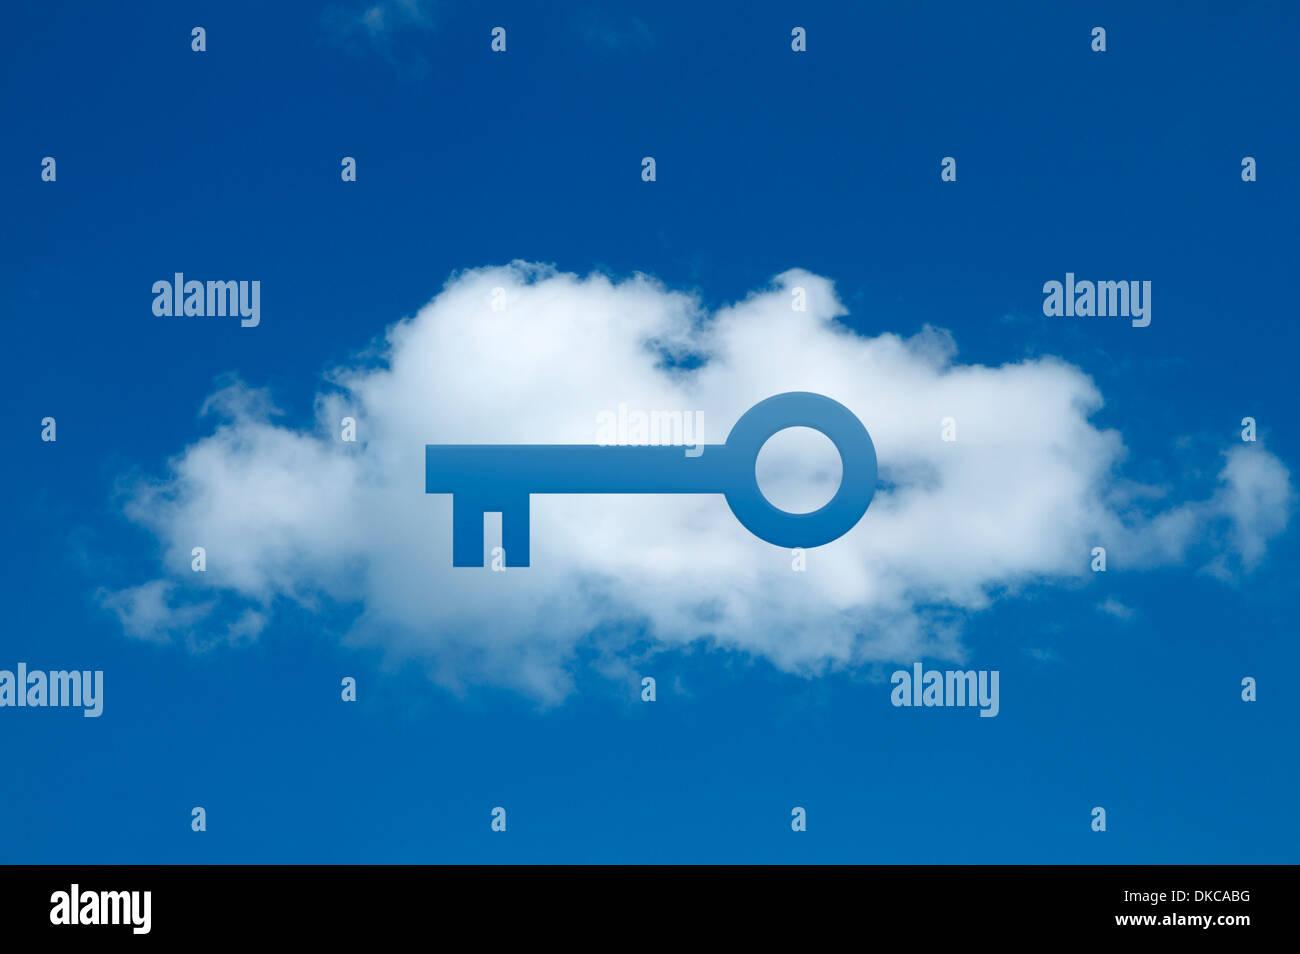 Compuesta Digital de nube con forma de llave cortada, compromiso cloud segura Imagen De Stock